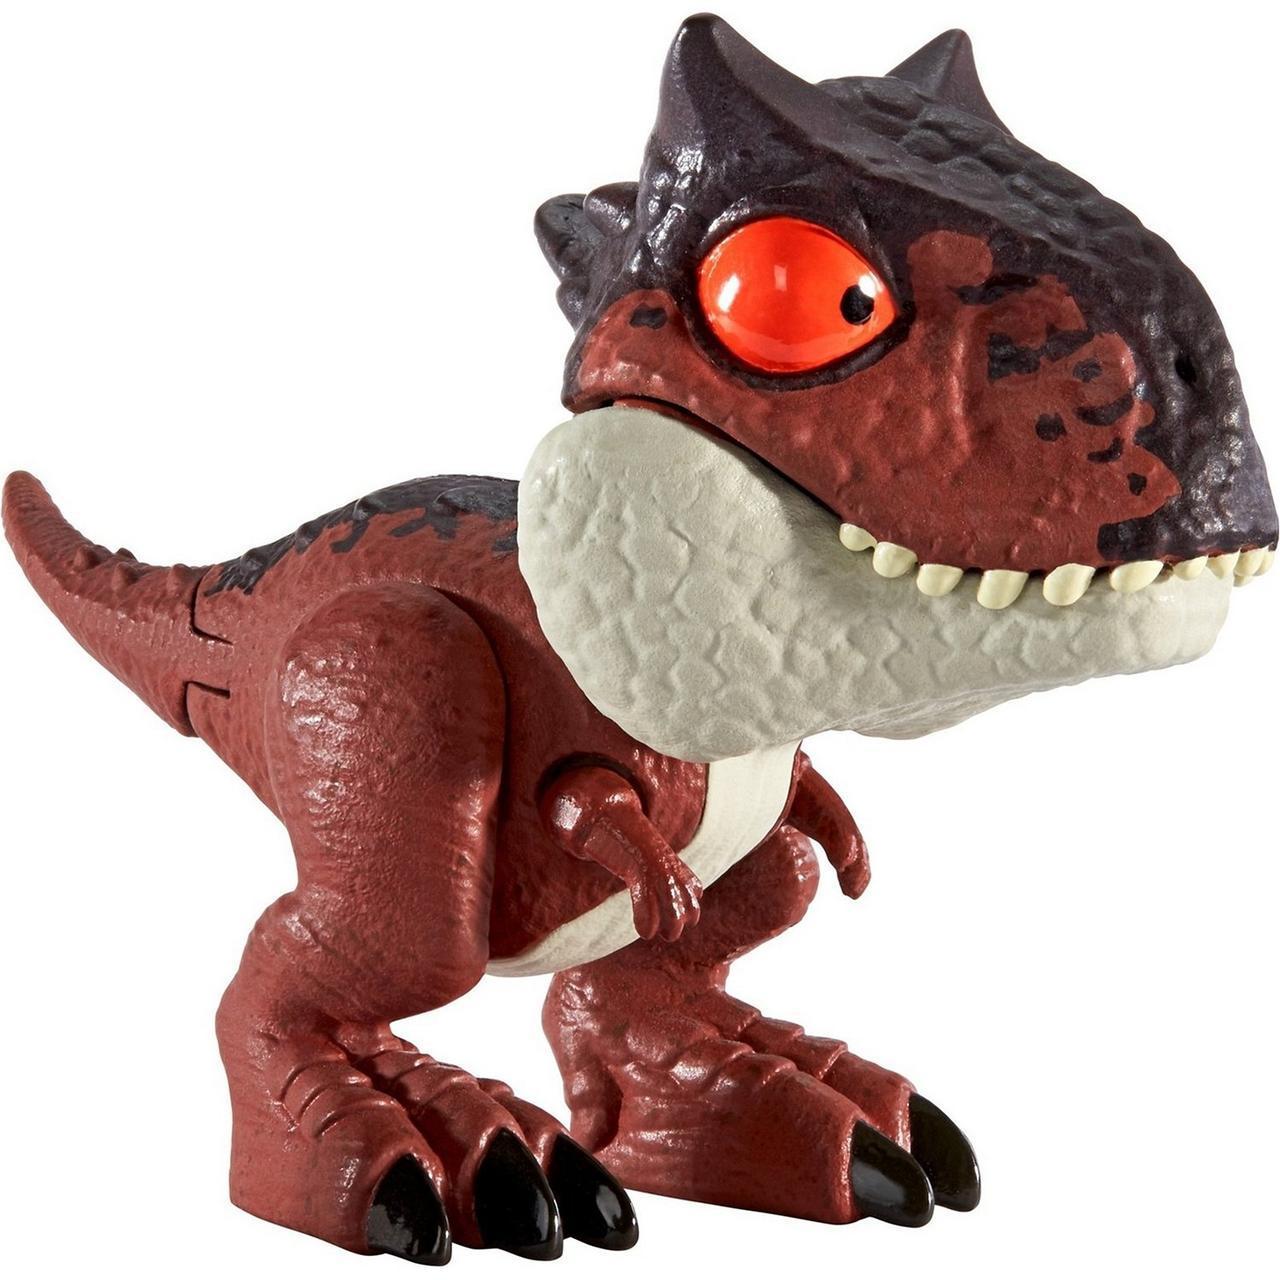 """Міні-фігурка """"Кусаємо всюди"""" Jurassic World з фільму """"Світ Юрського періоду"""" Карнотавр GGN32 / GGN26"""